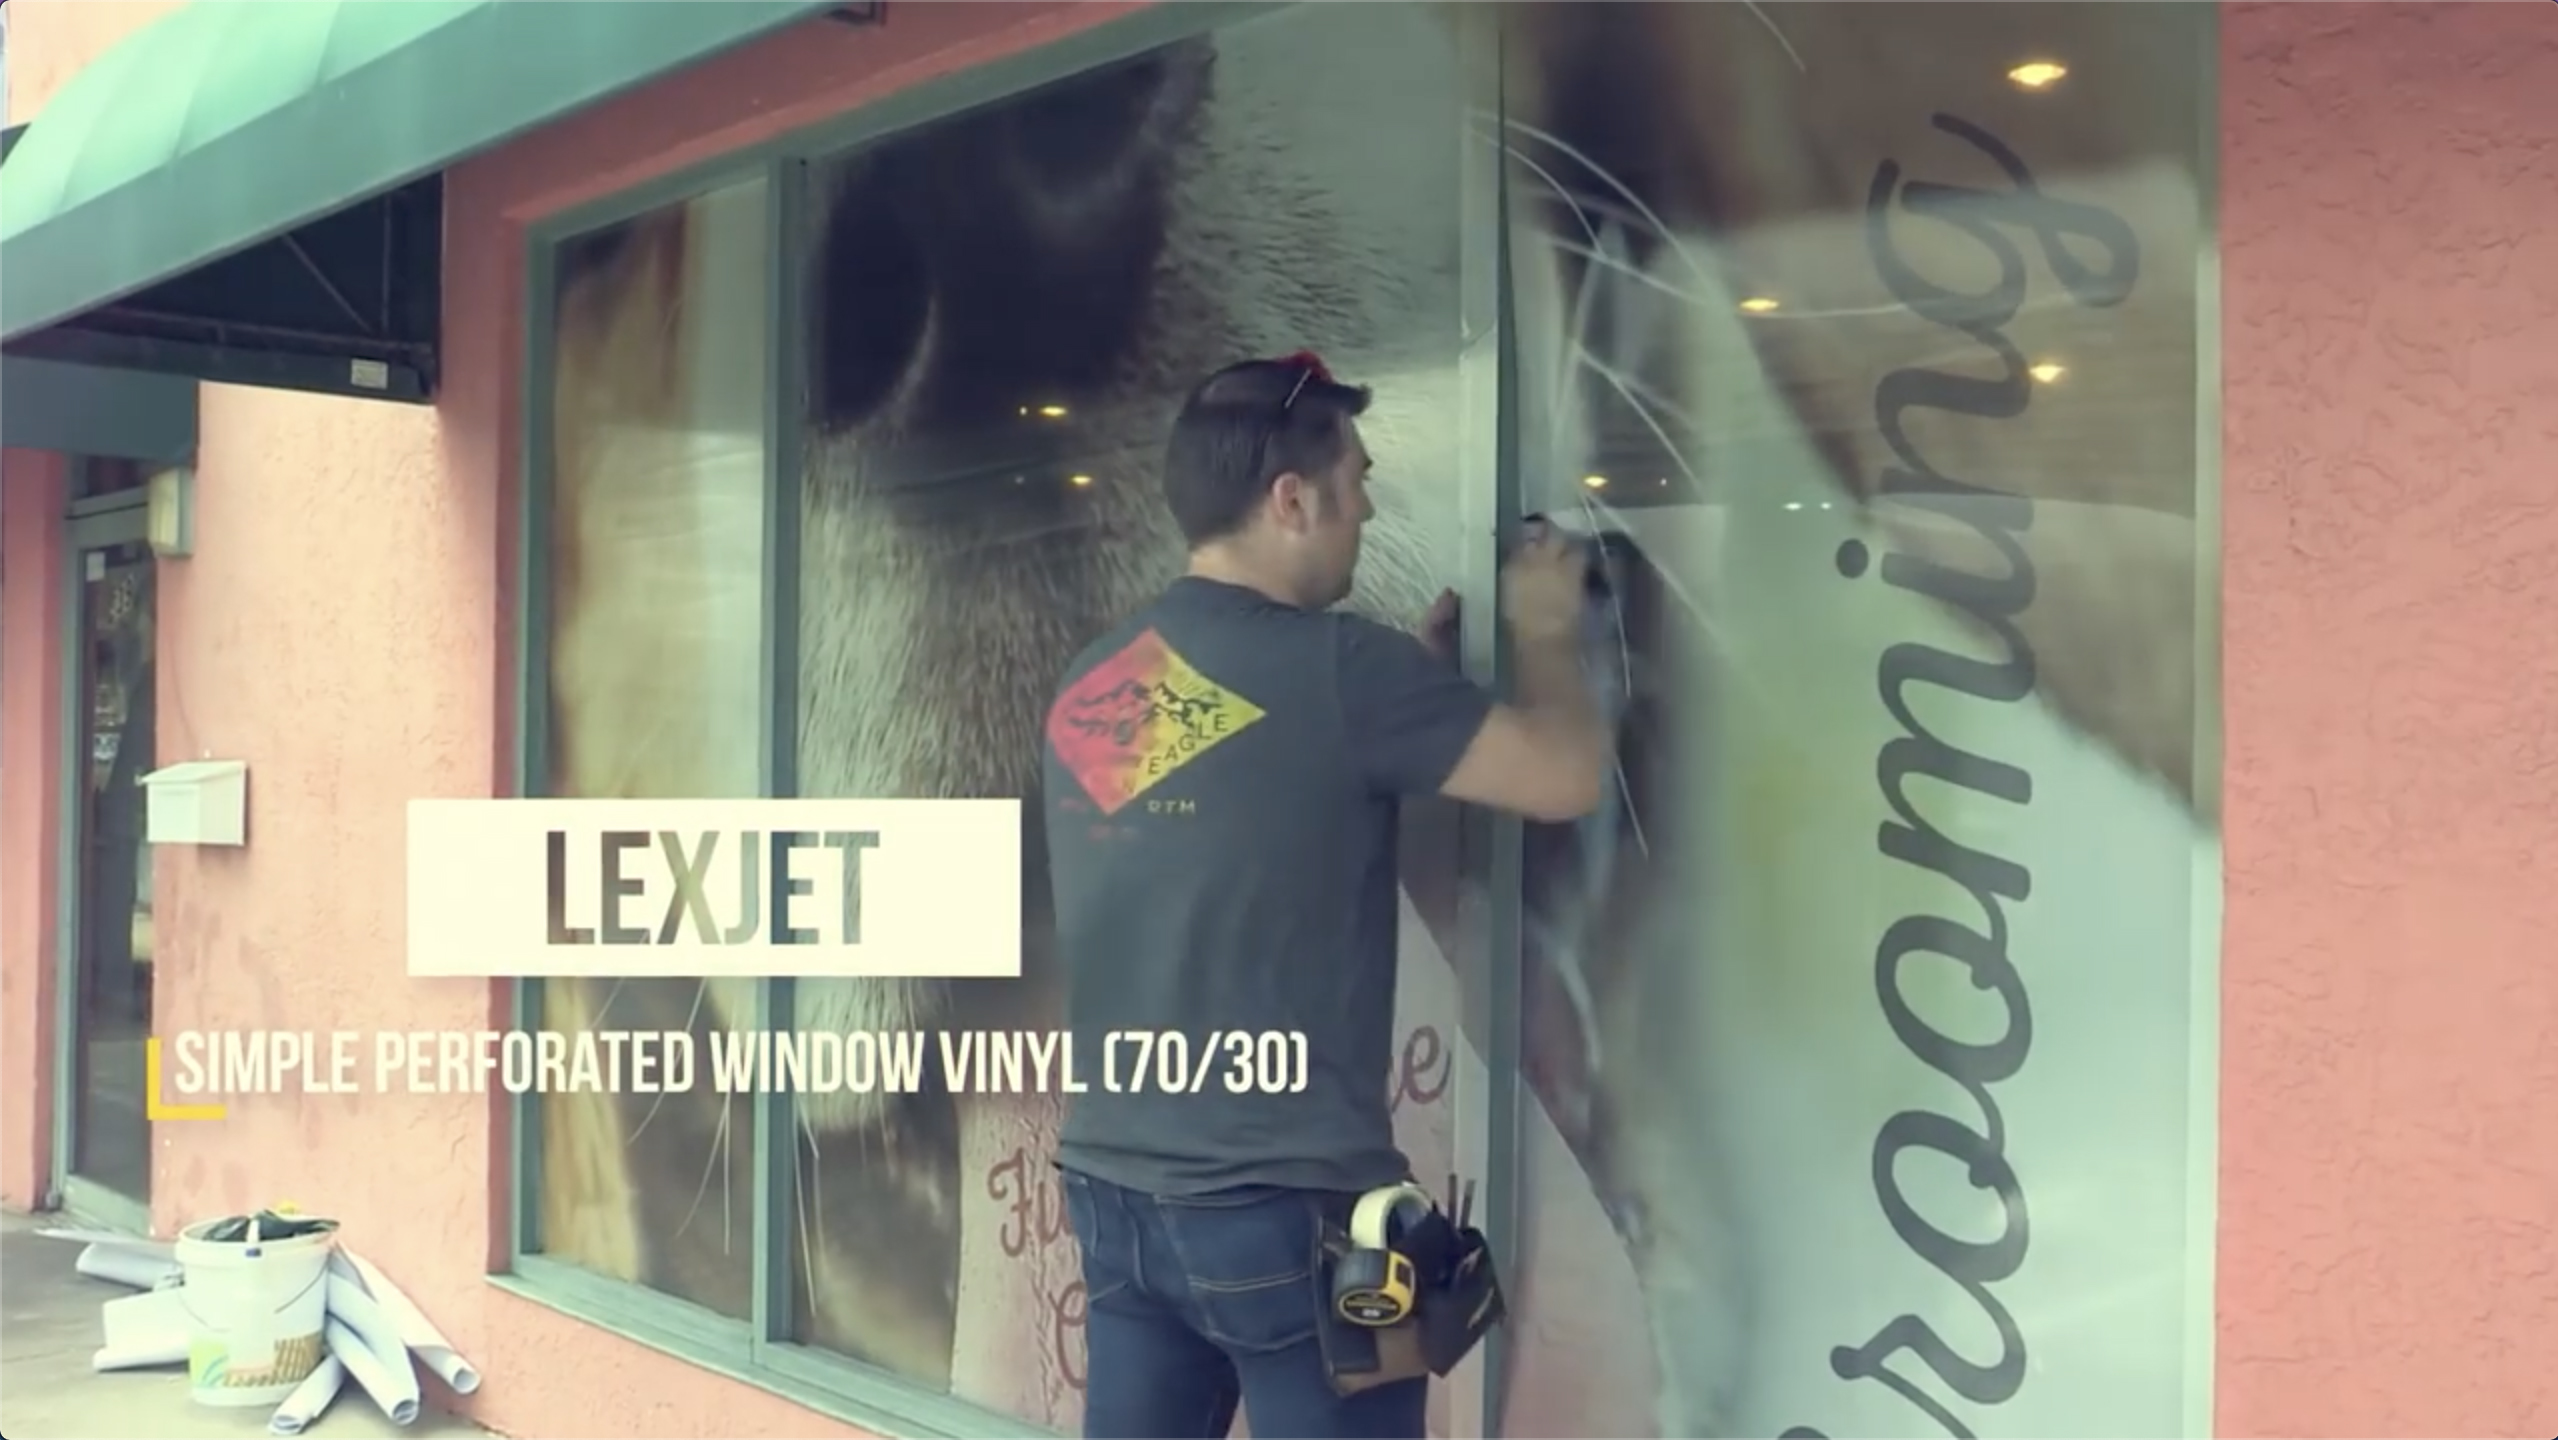 LexJet brandUP Average Joes Grooming